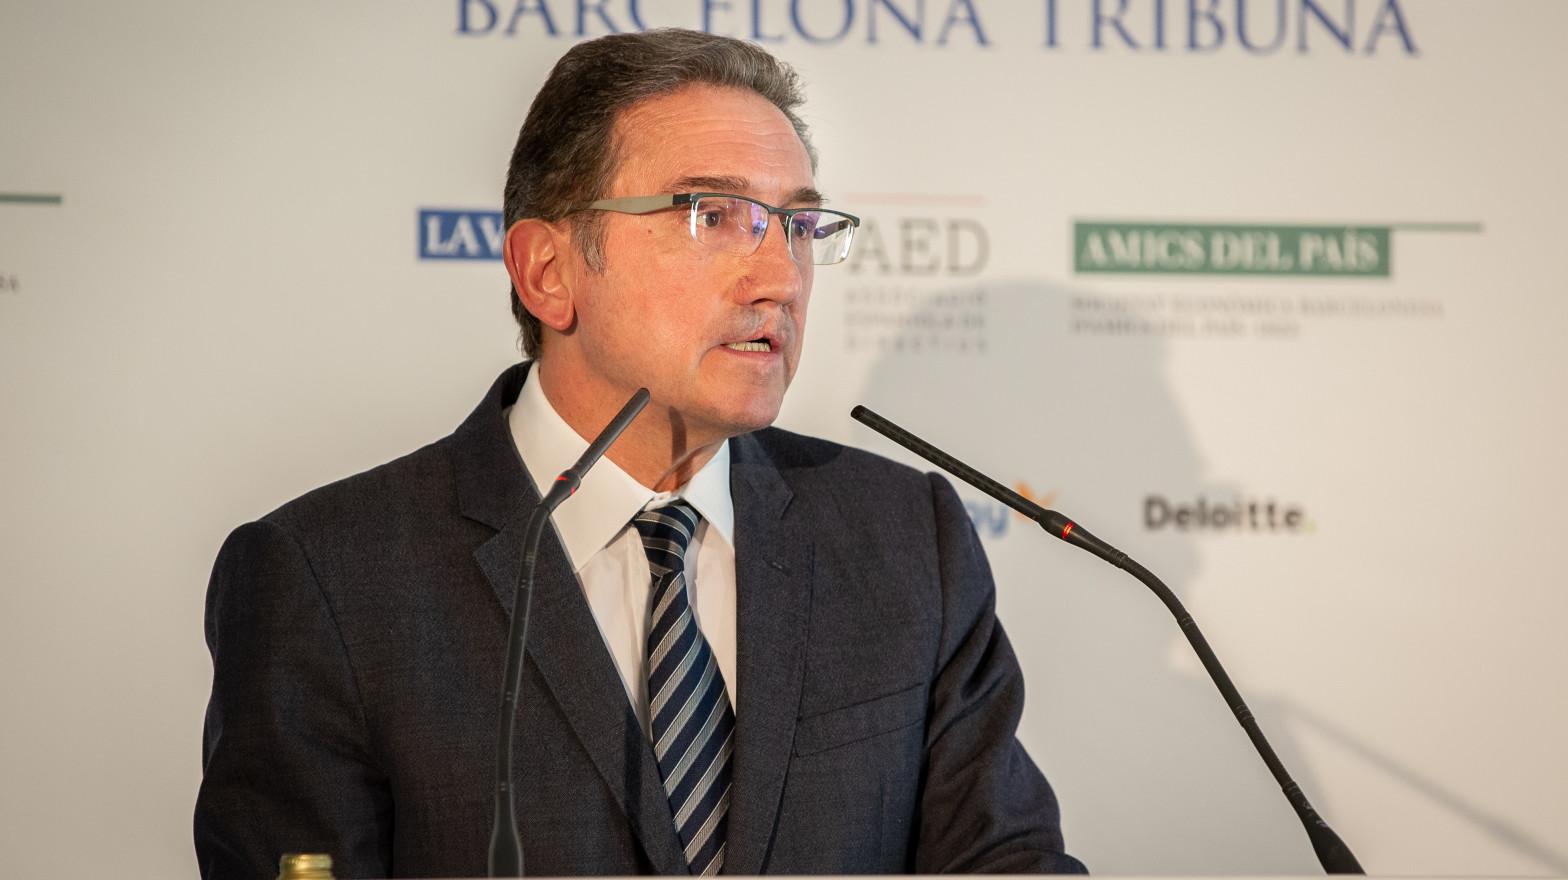 Giró alimentará la tensión con la CUP al enterrar la idea de un banco público catalán